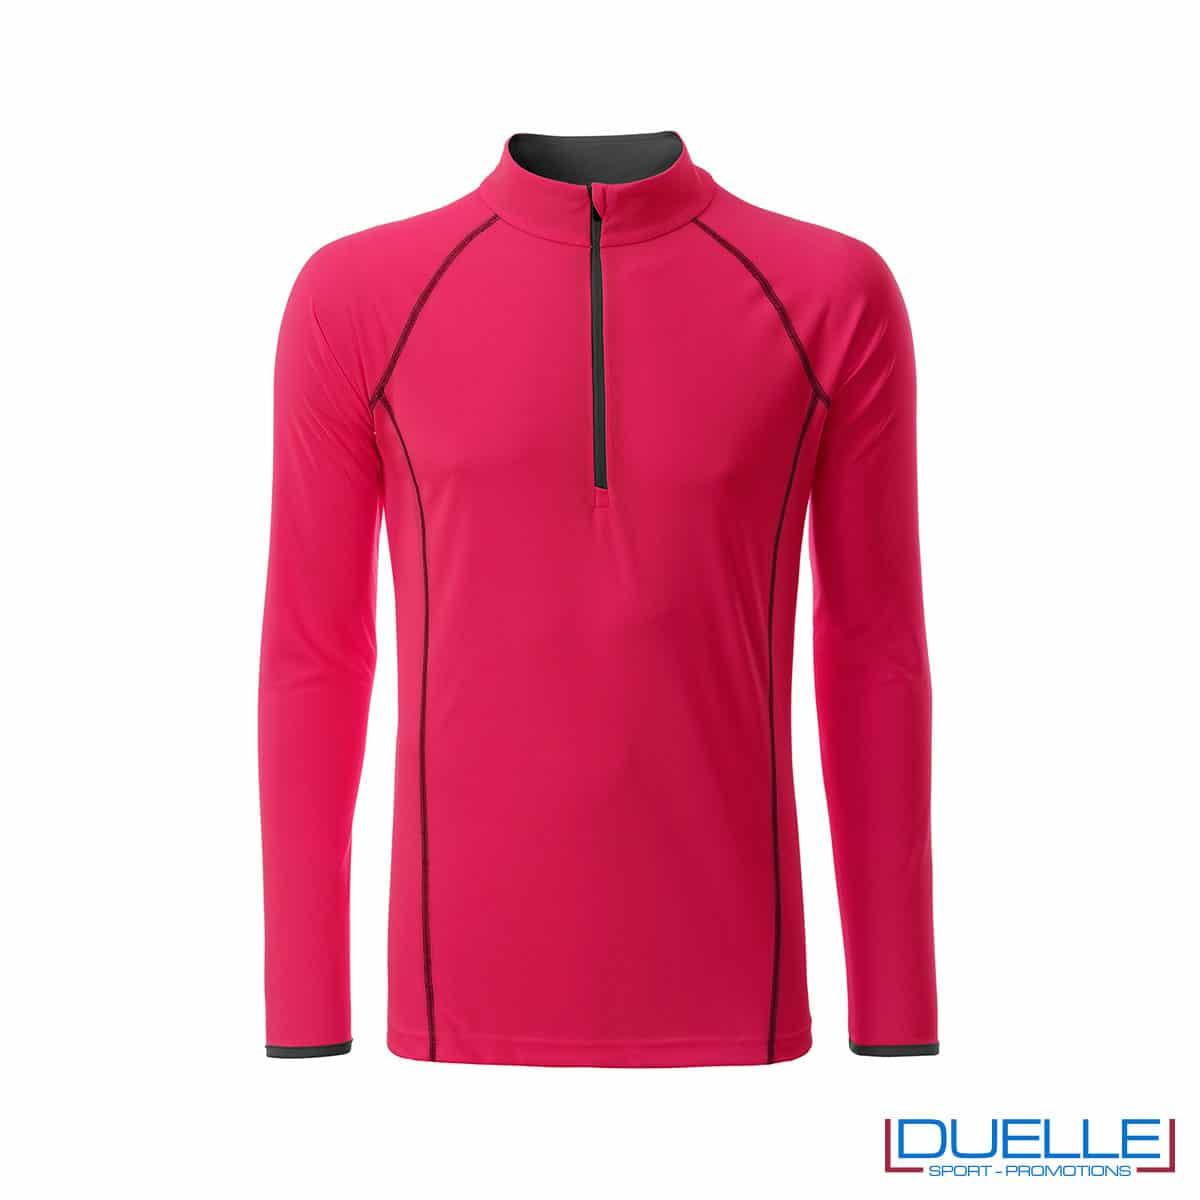 T-shirt manica lunga con zip colore rosa acceso personalizzata